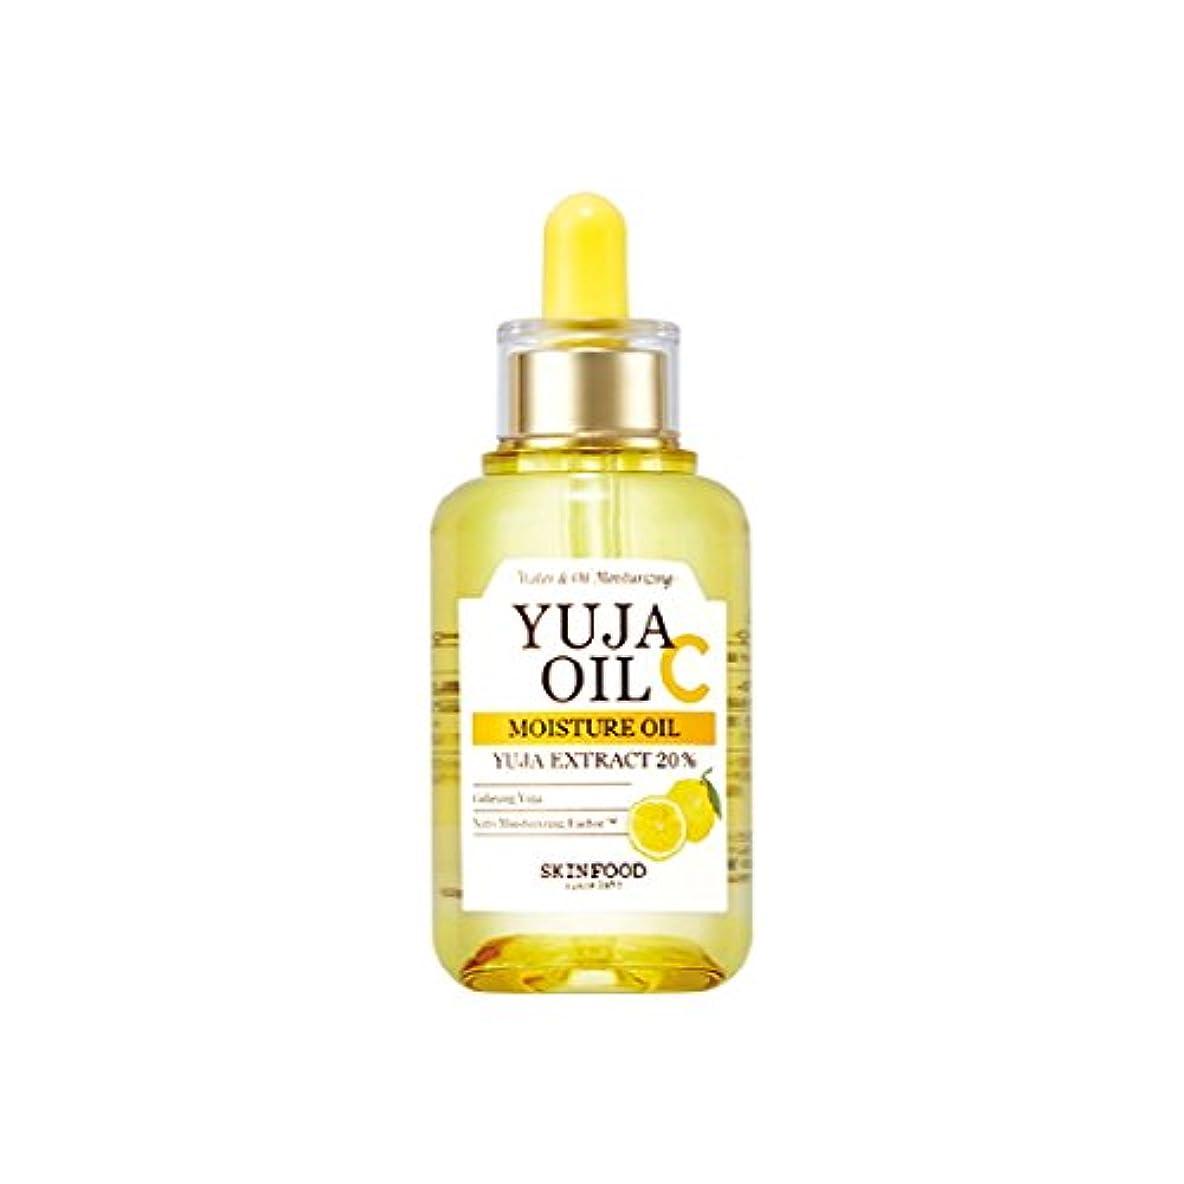 脅迫コンテスト打撃[New] SKINFOOD Yuja Oil C Moisture Oil 53ml/スキンフード 柚子 オイル C モイスチャー オイル 53ml [並行輸入品]